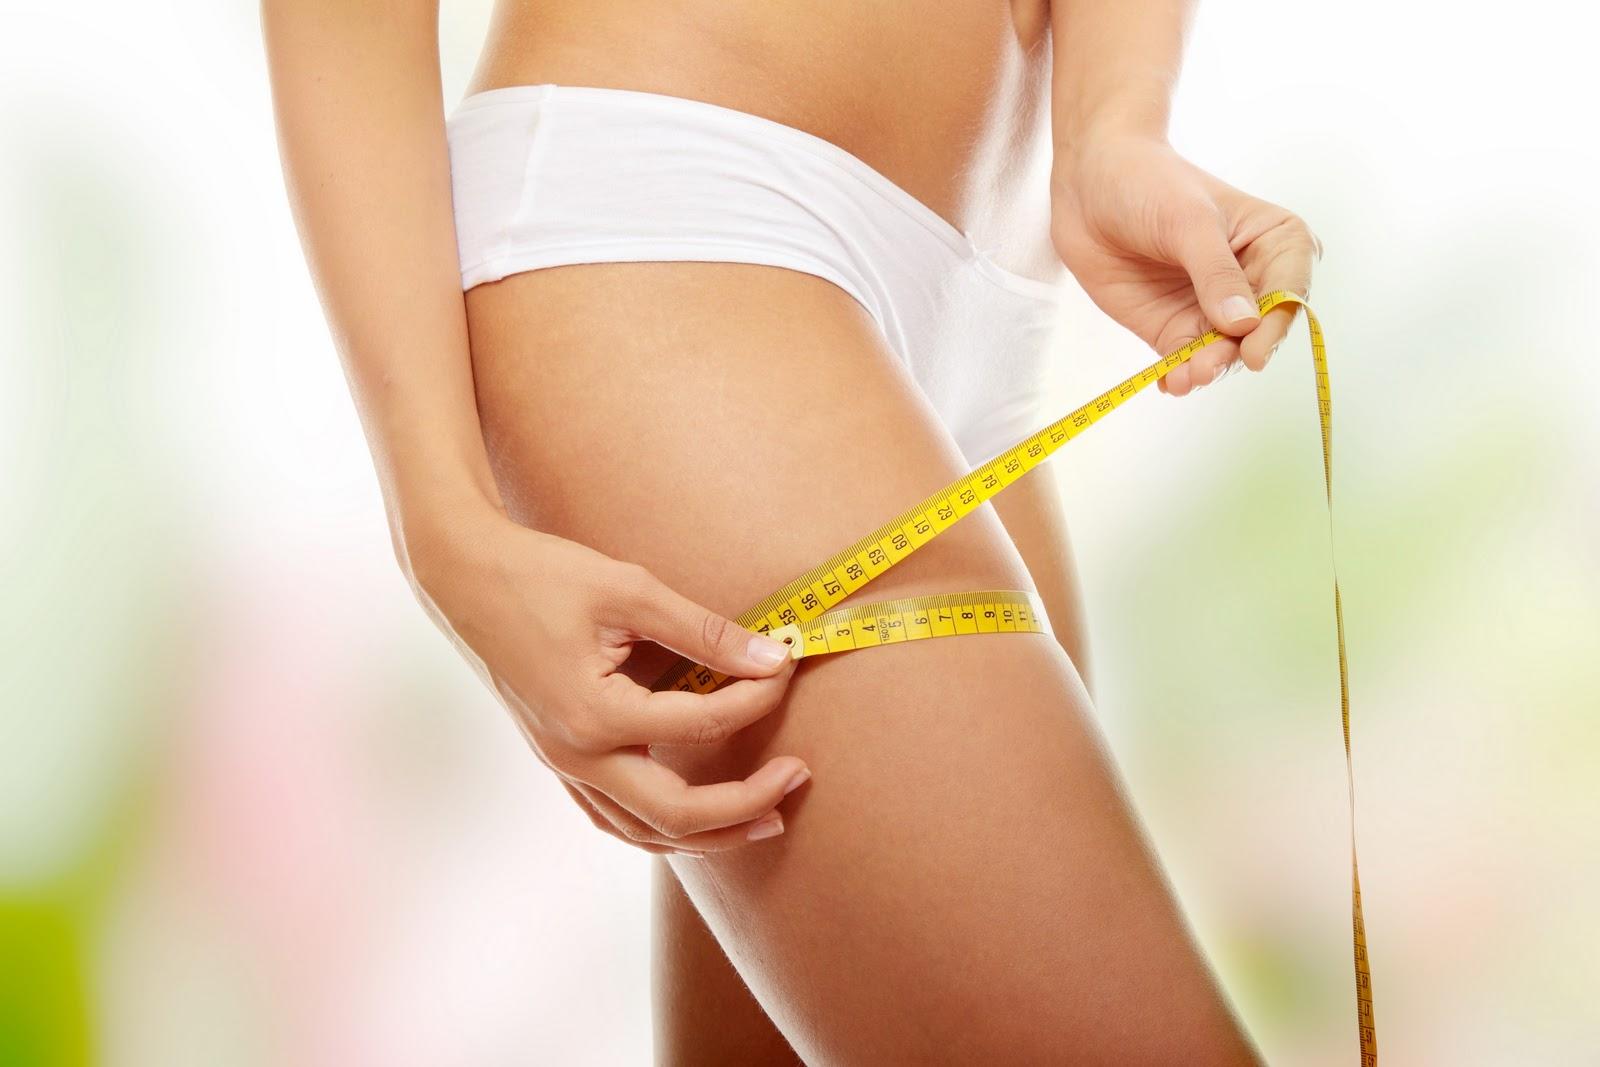 Как похудеть в ногах и бедрах быстро отзывы